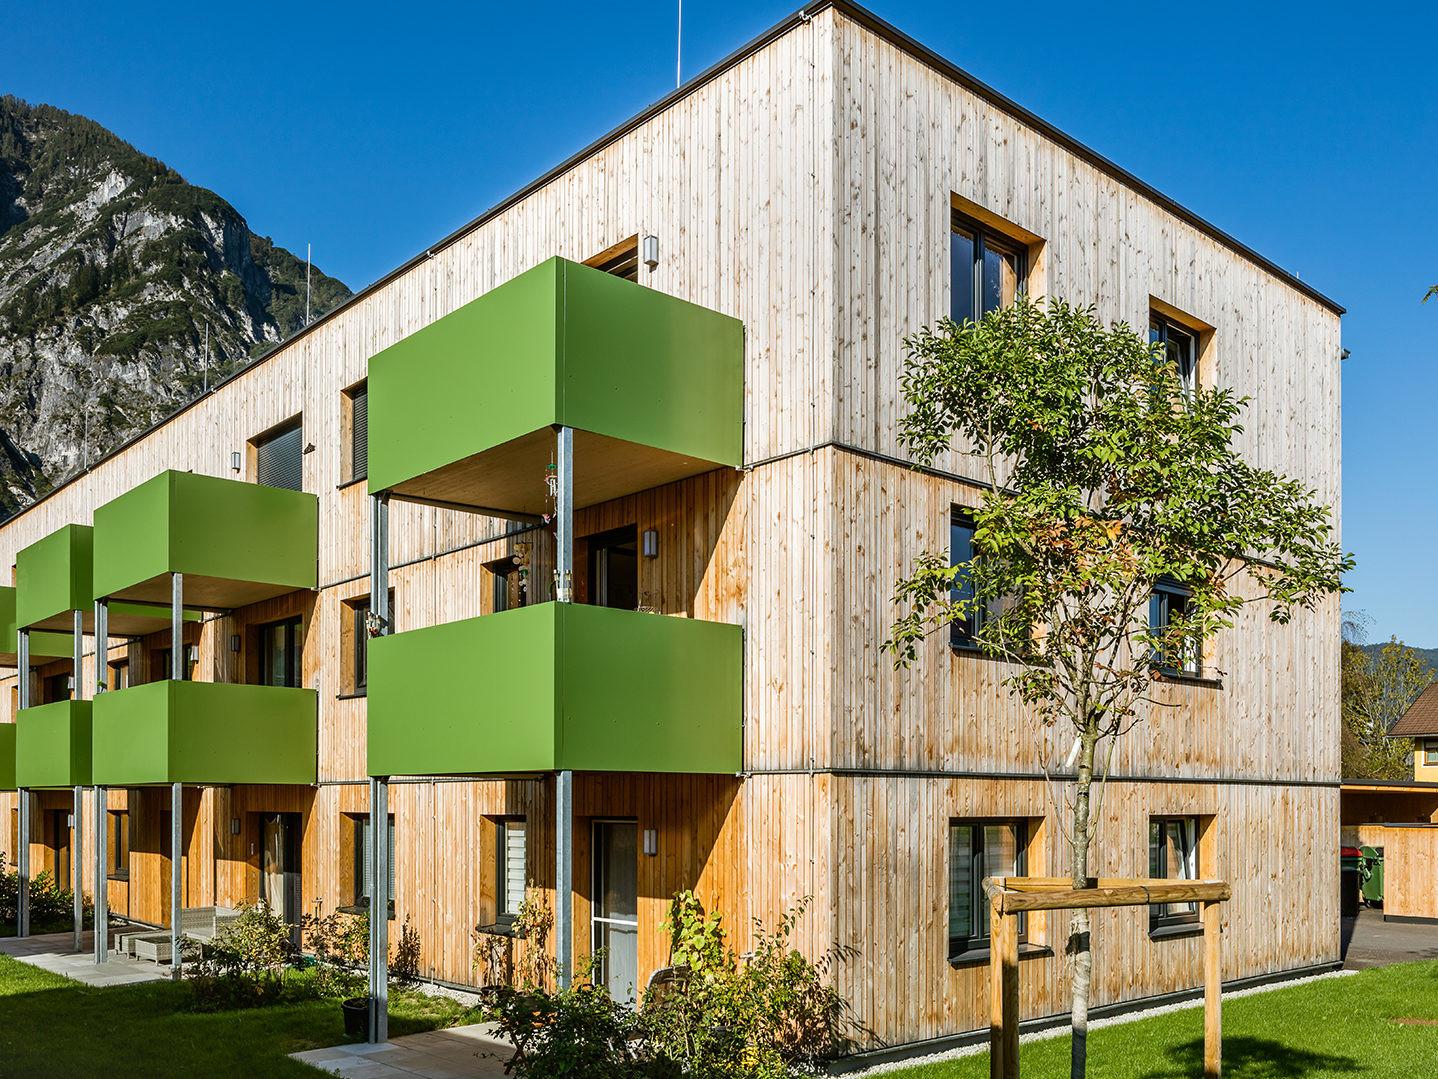 all-in99 Projekt Bad Goisern Wohngebäude in Tagesansicht